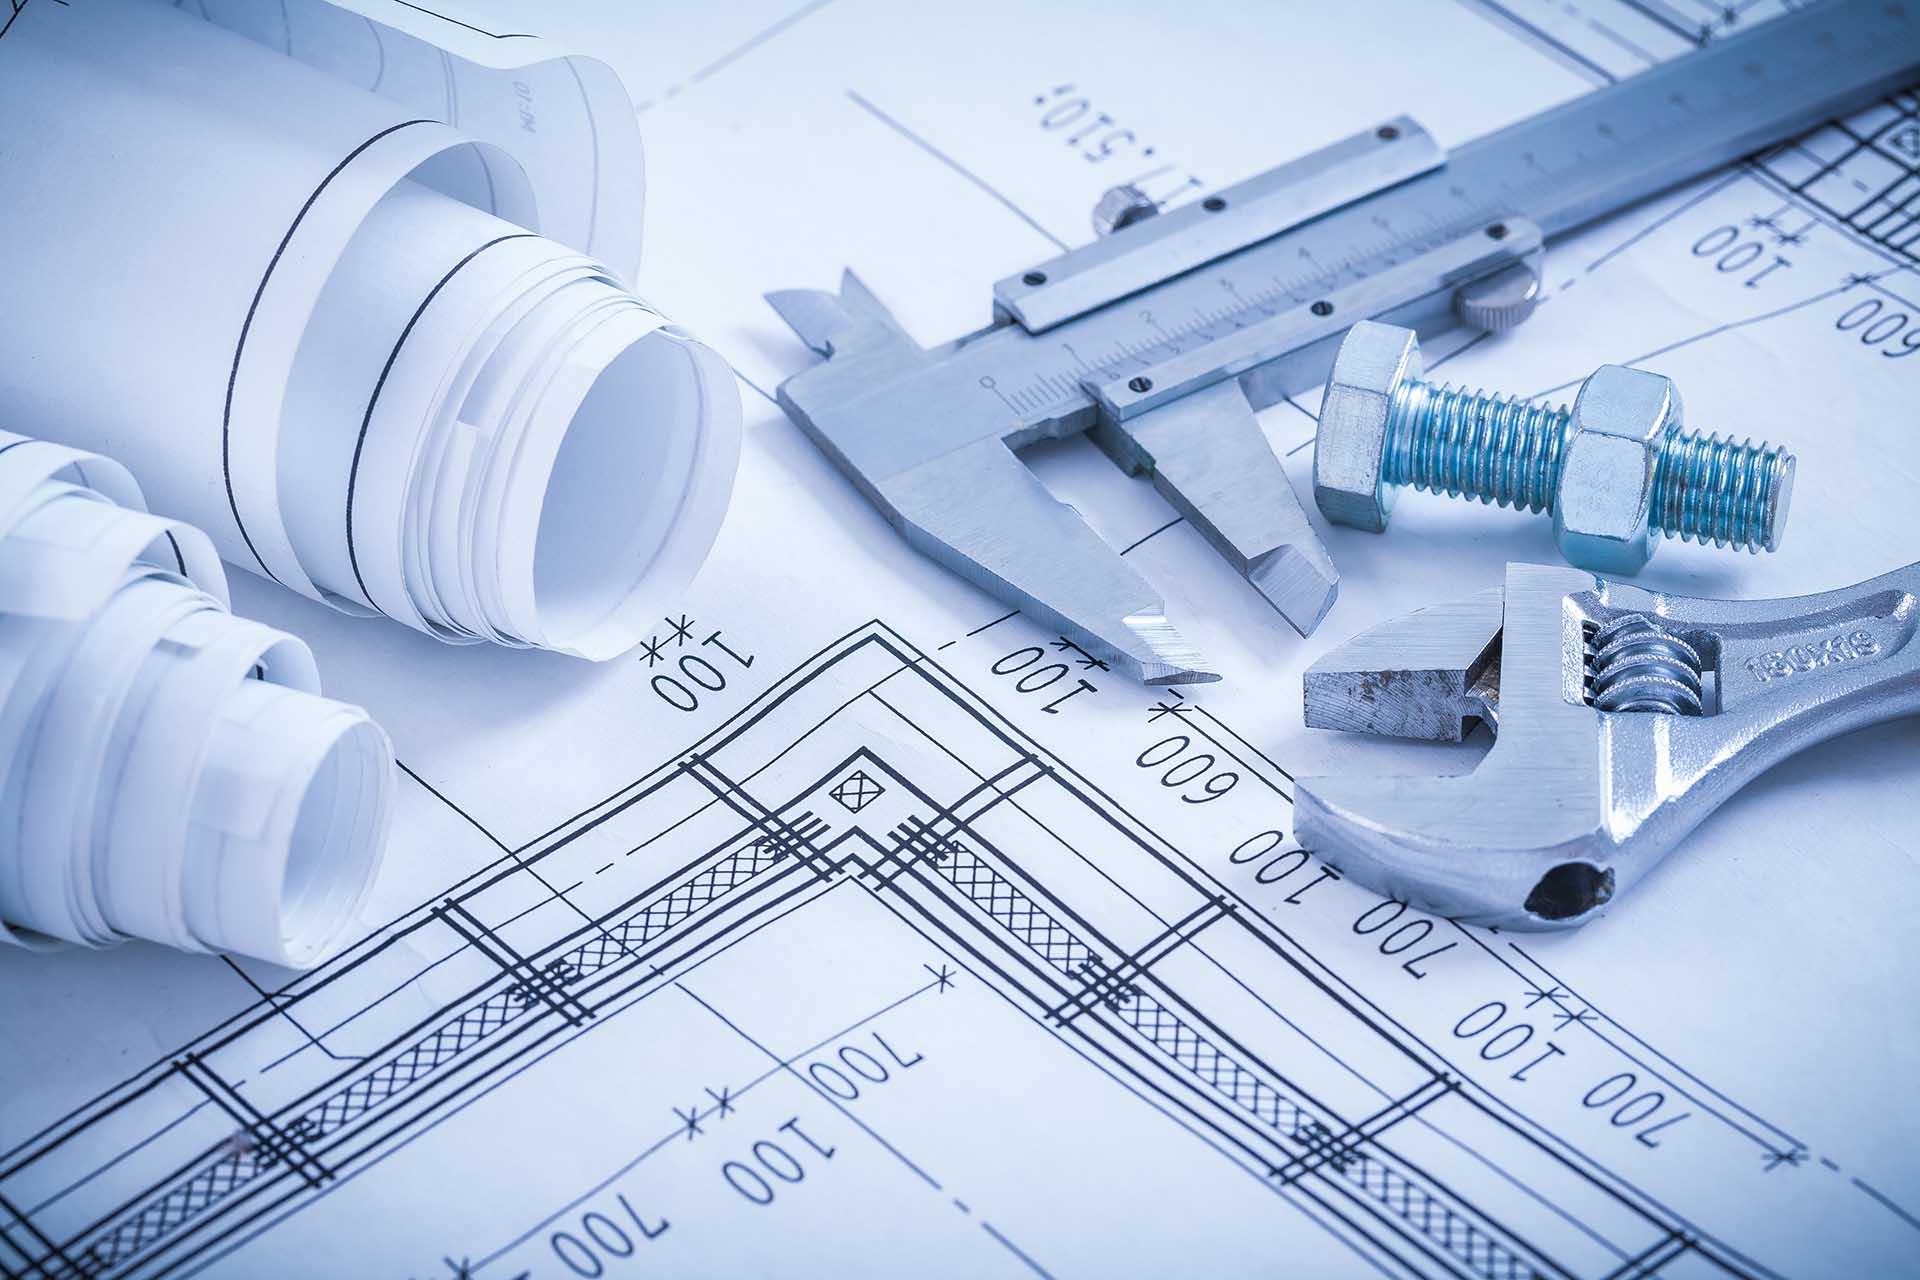 Preventative Maintenance Plans